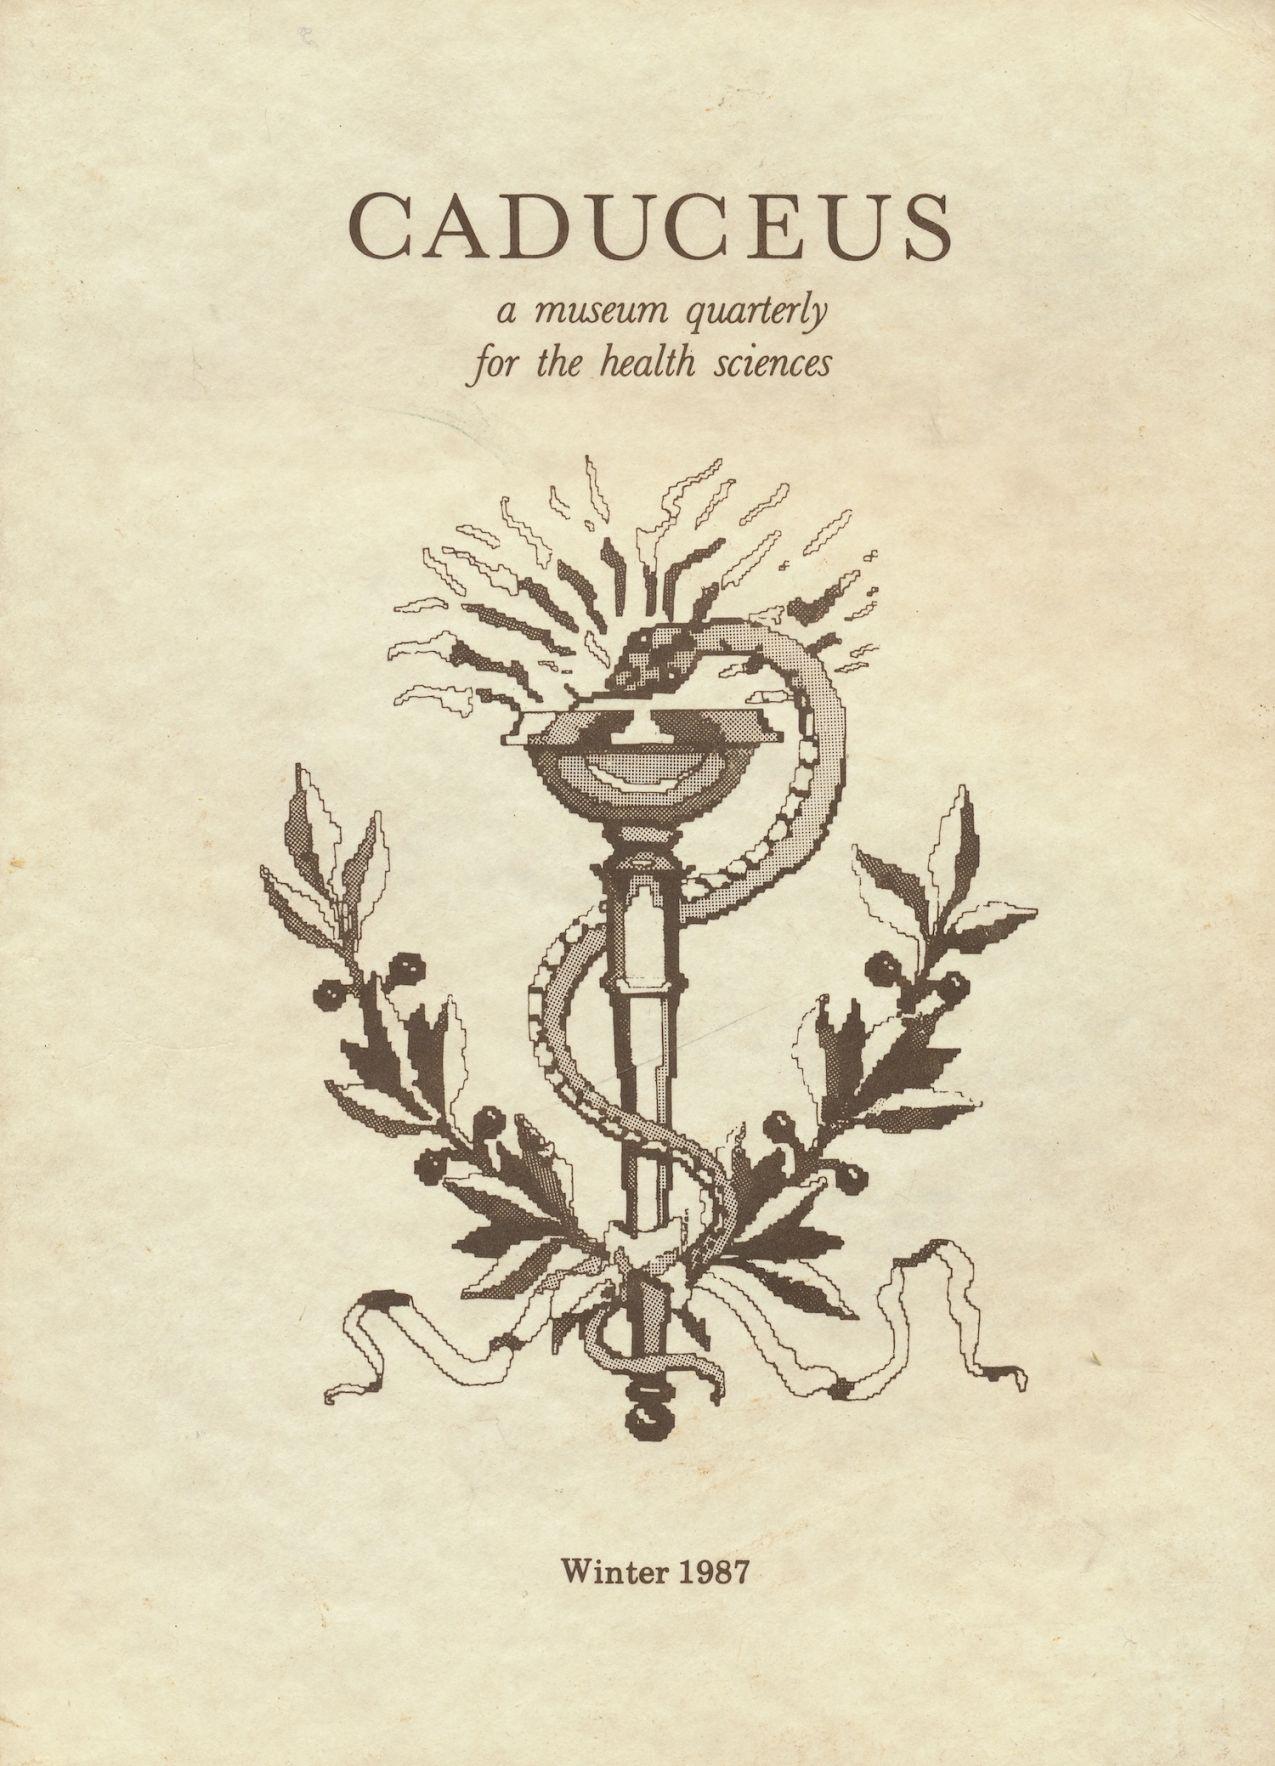 Caduceus: a Museum Quarterly for the Health Sciences: Winter 1987